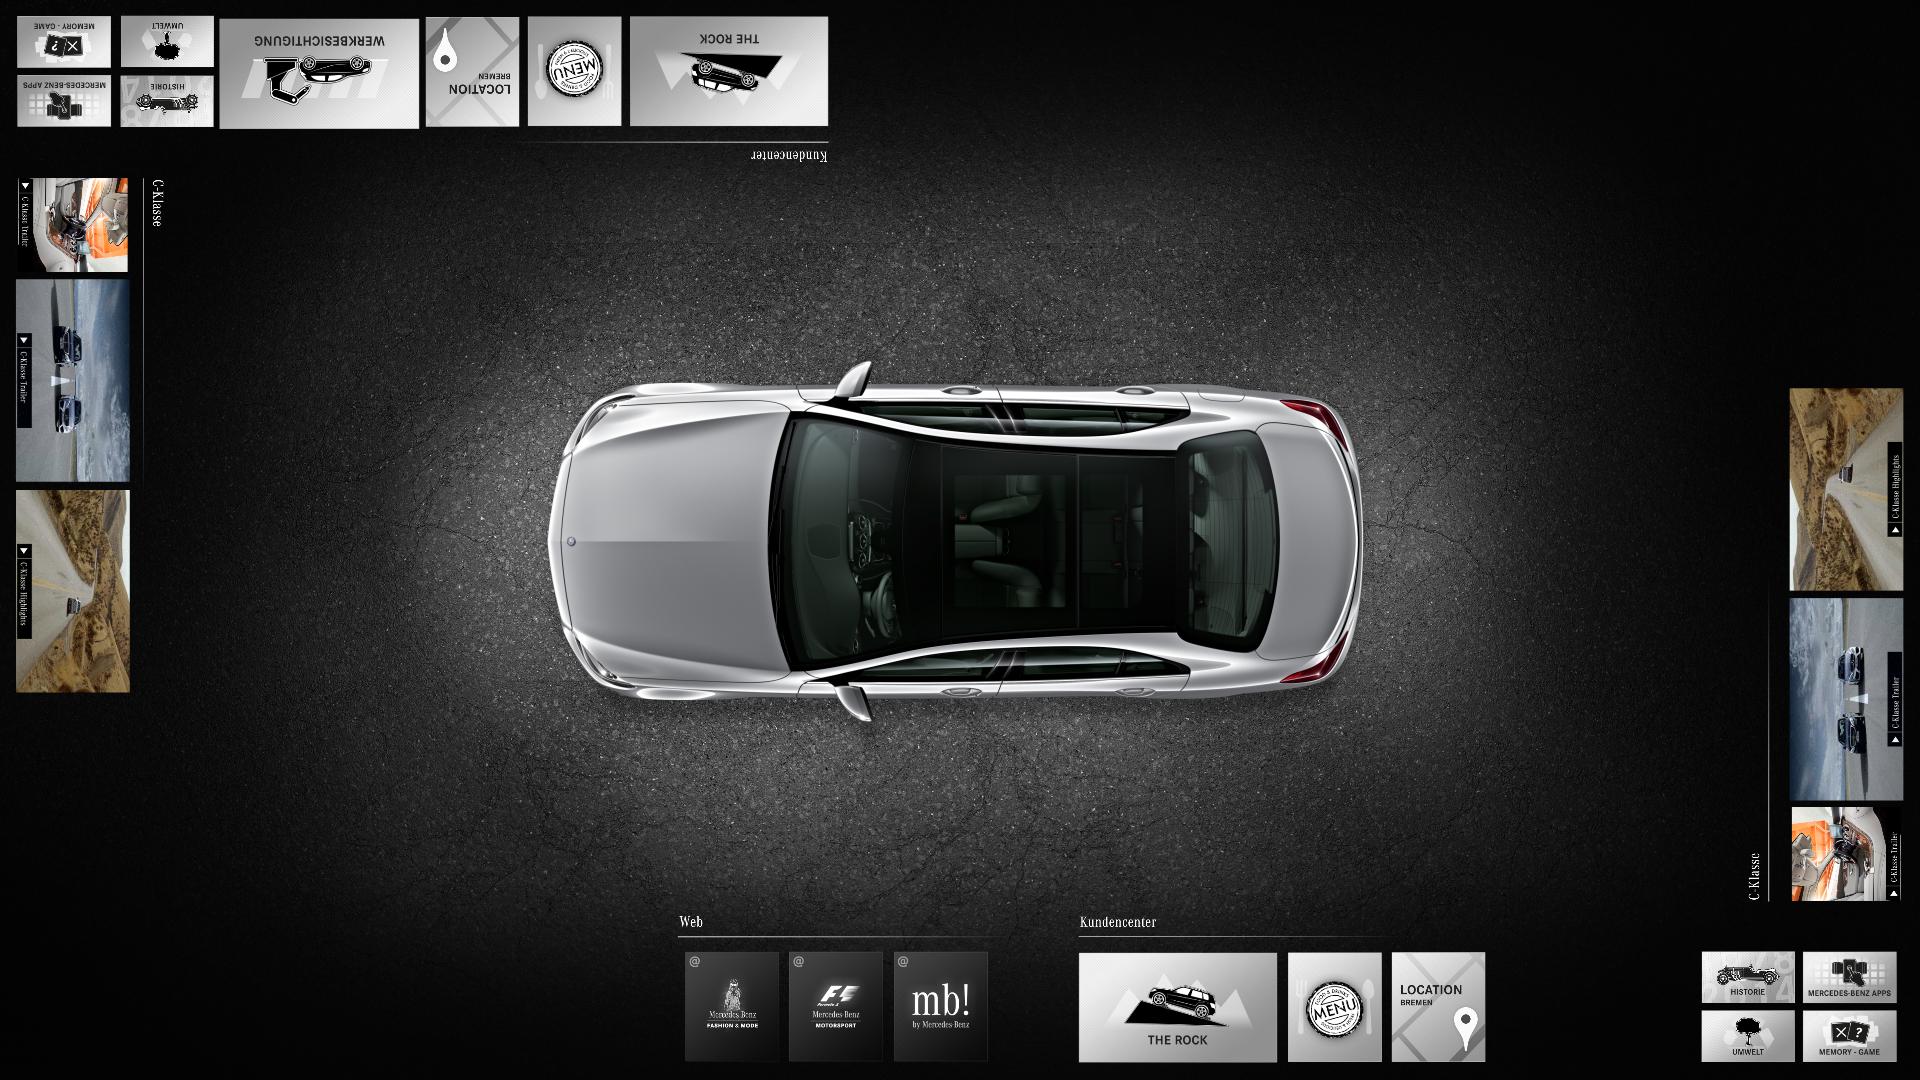 Daimler_Screenshot_01